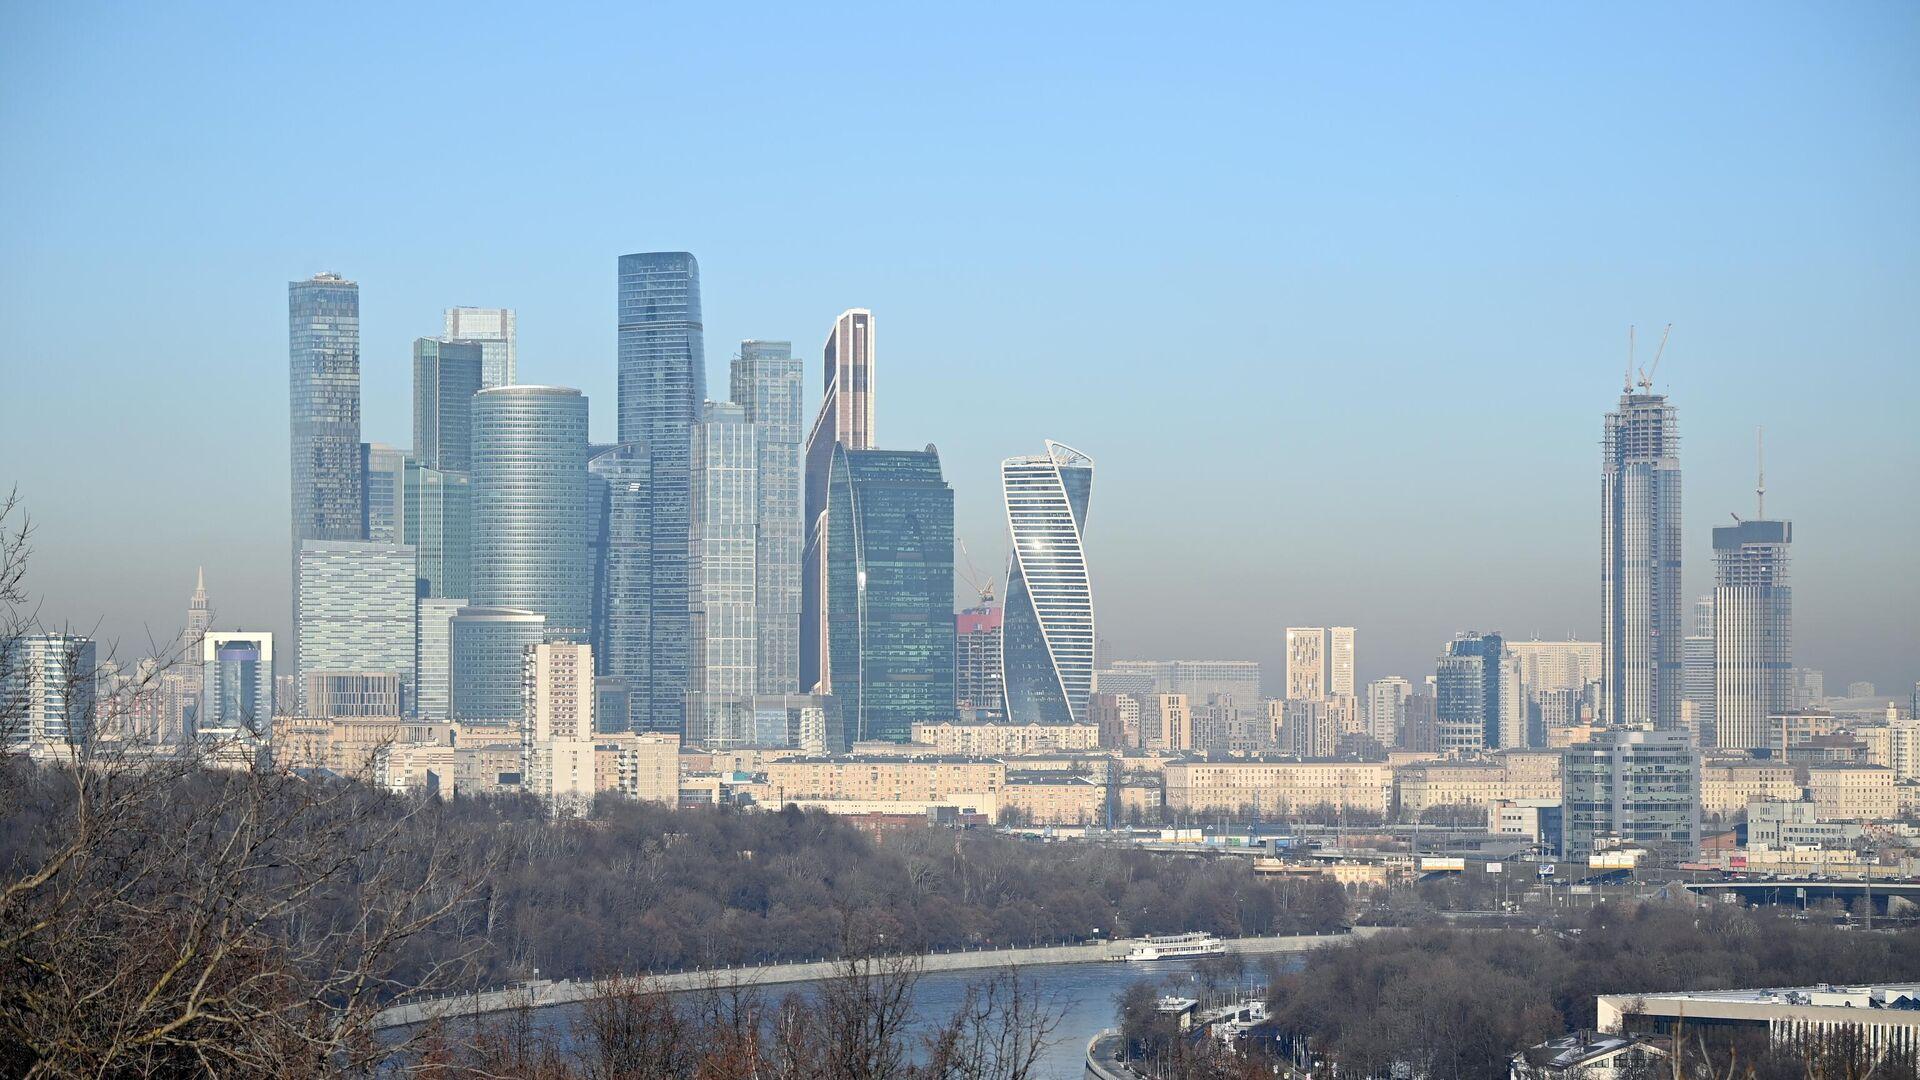 Москва-сити - РИА Новости, 1920, 20.02.2021